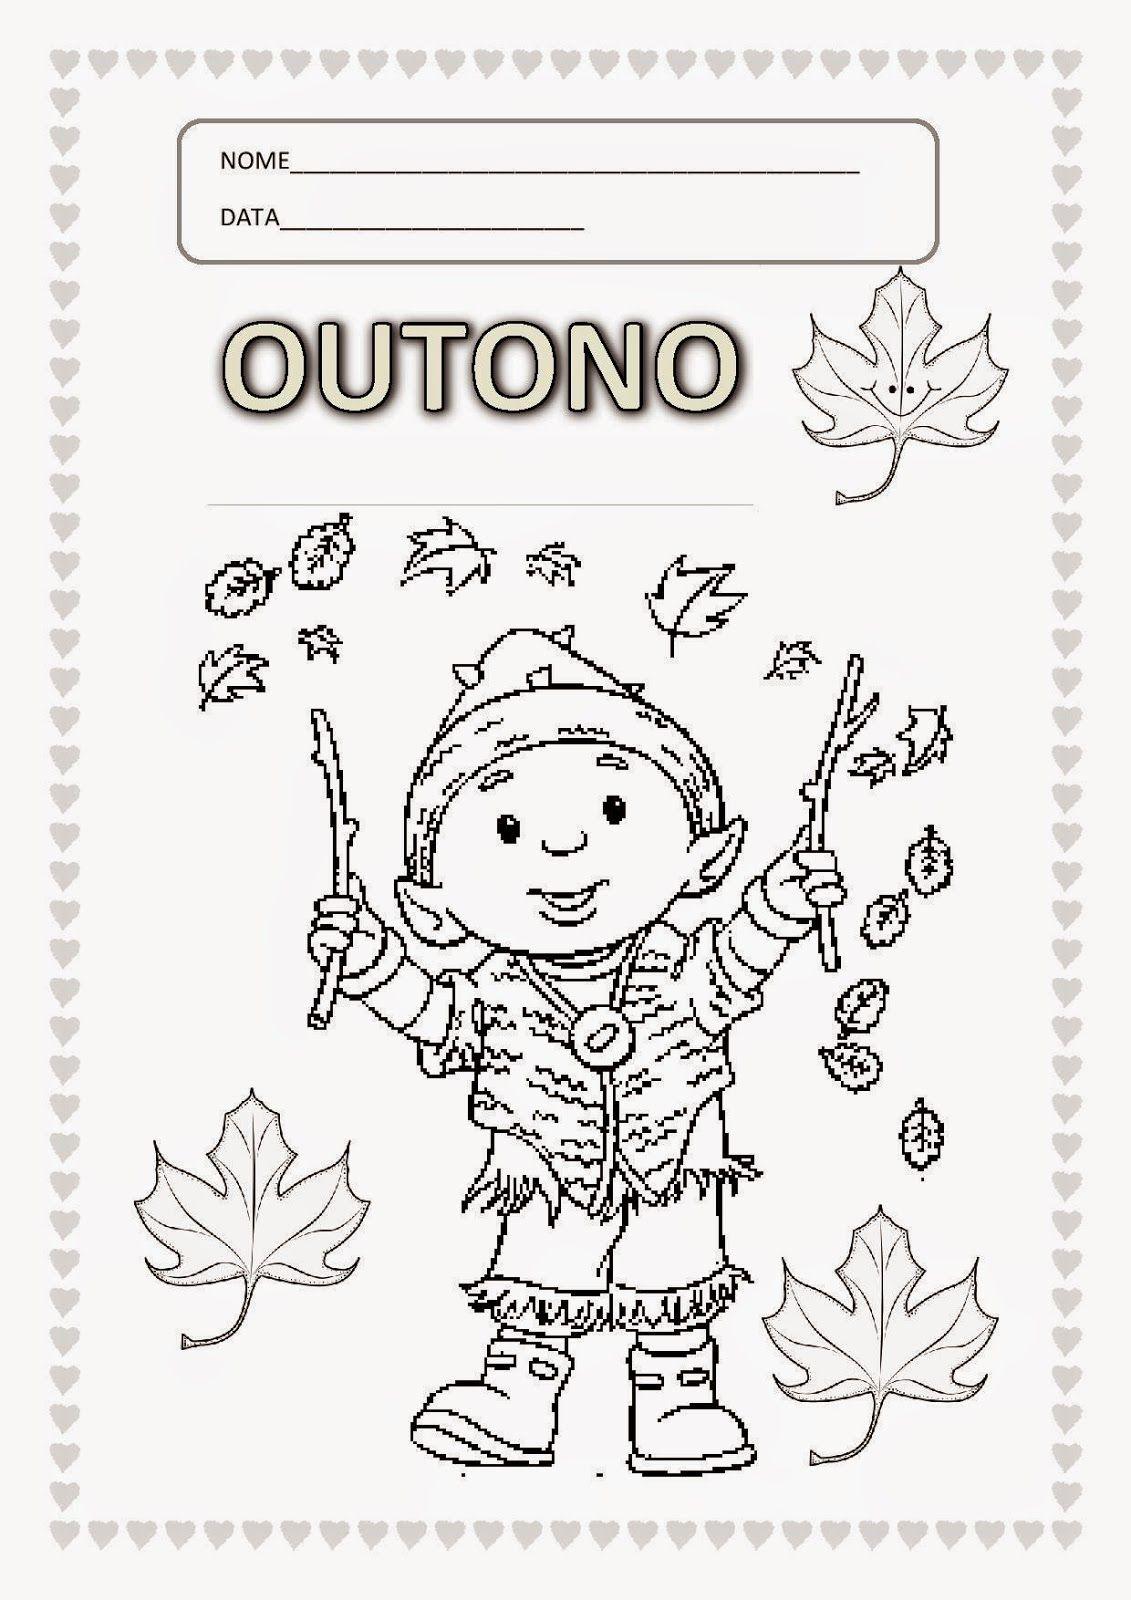 Outono Atividades Adriana Educacao Infantil Outono Pre